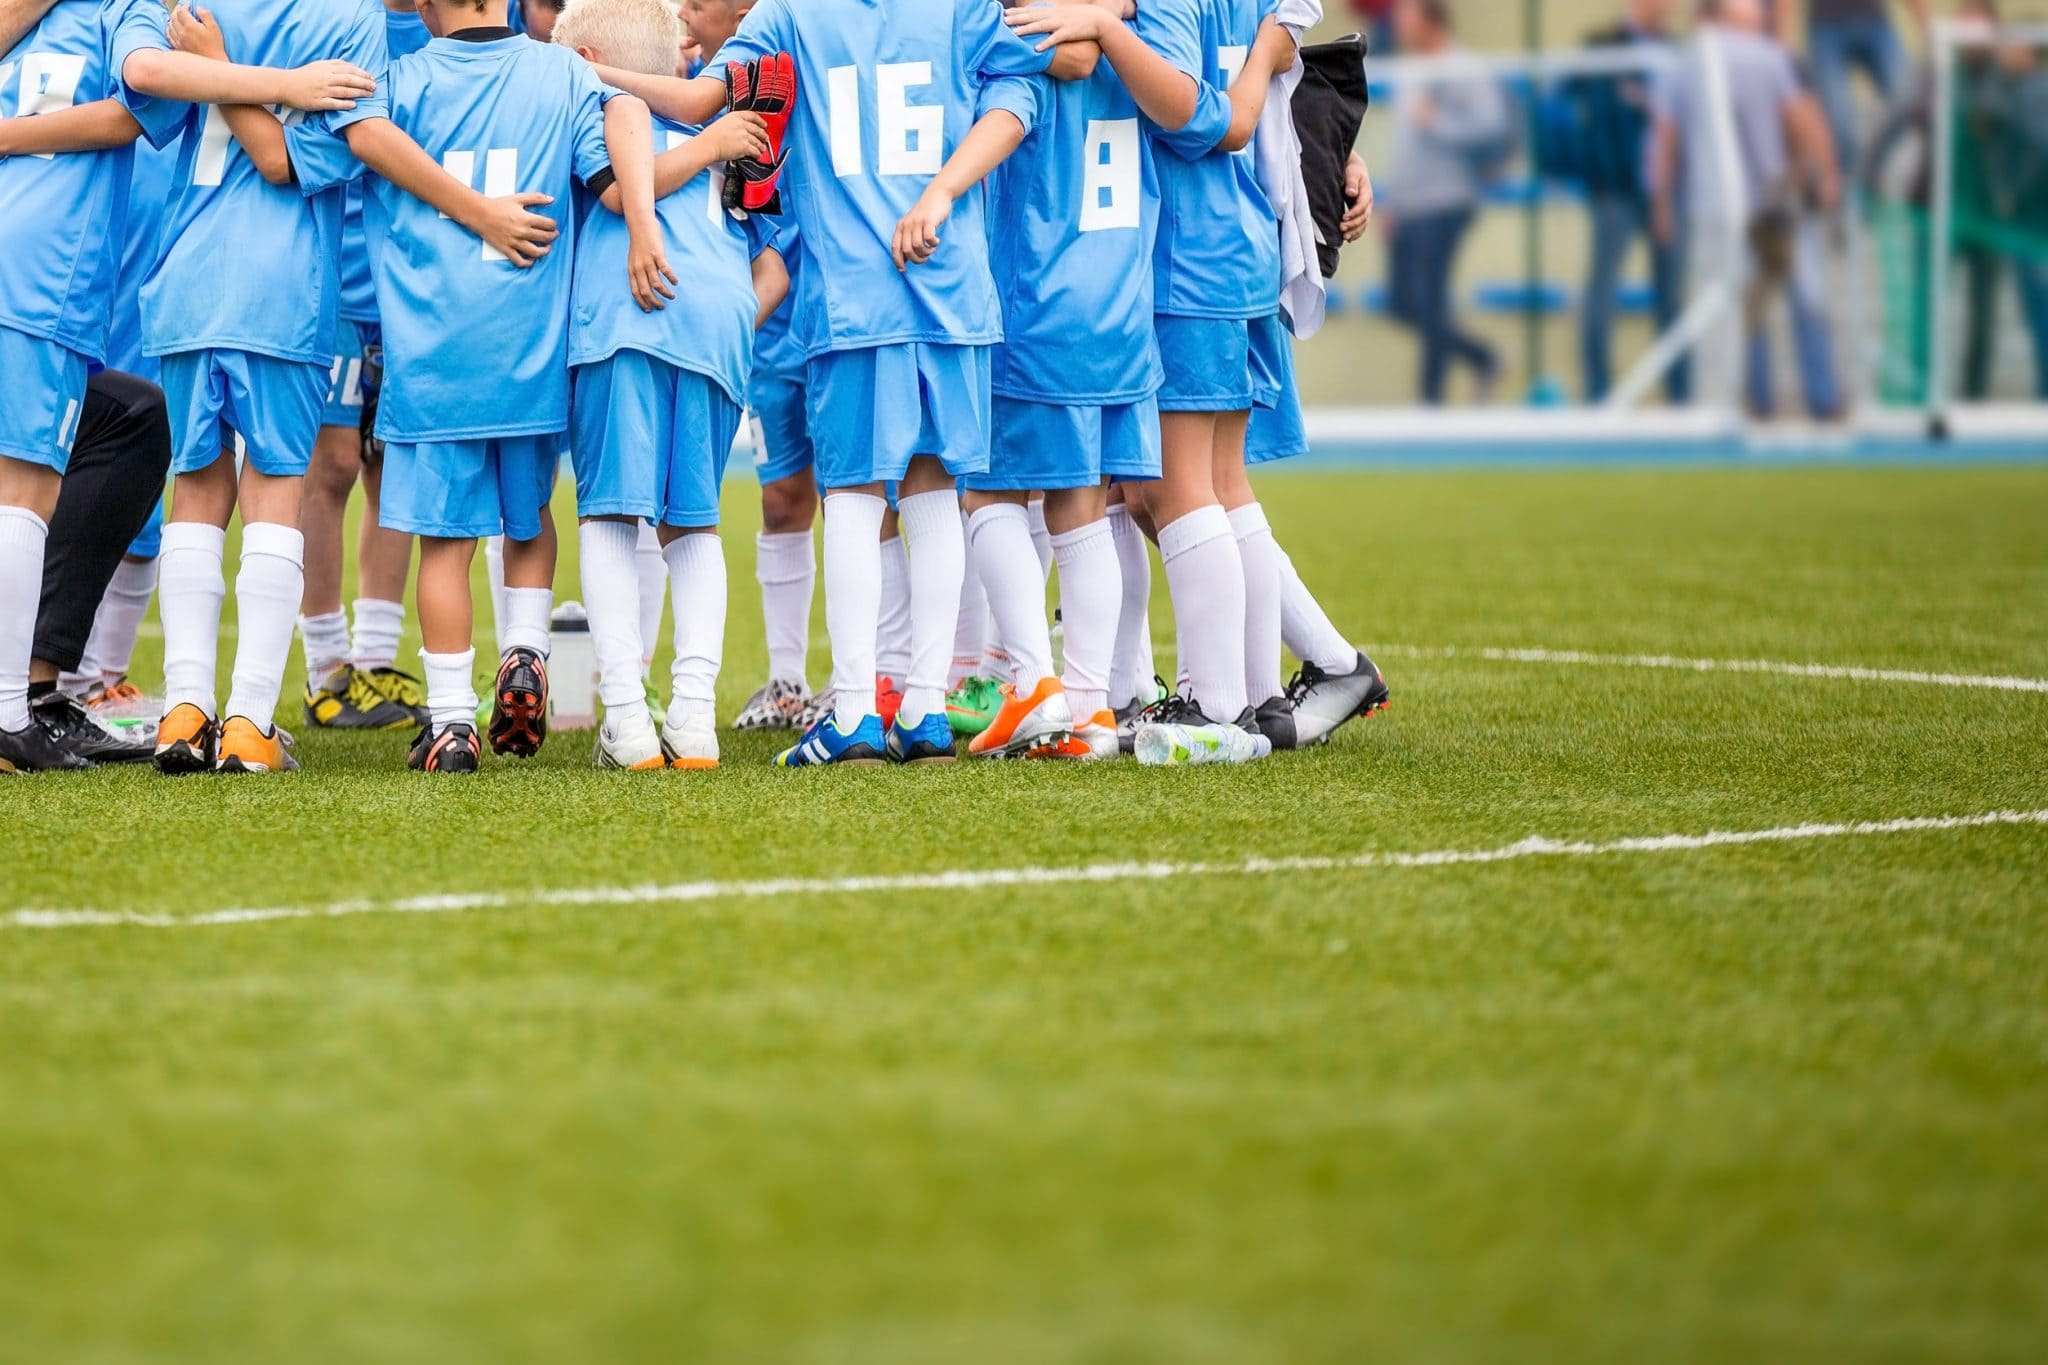 La importancia de una correcta metodología en fútbol base